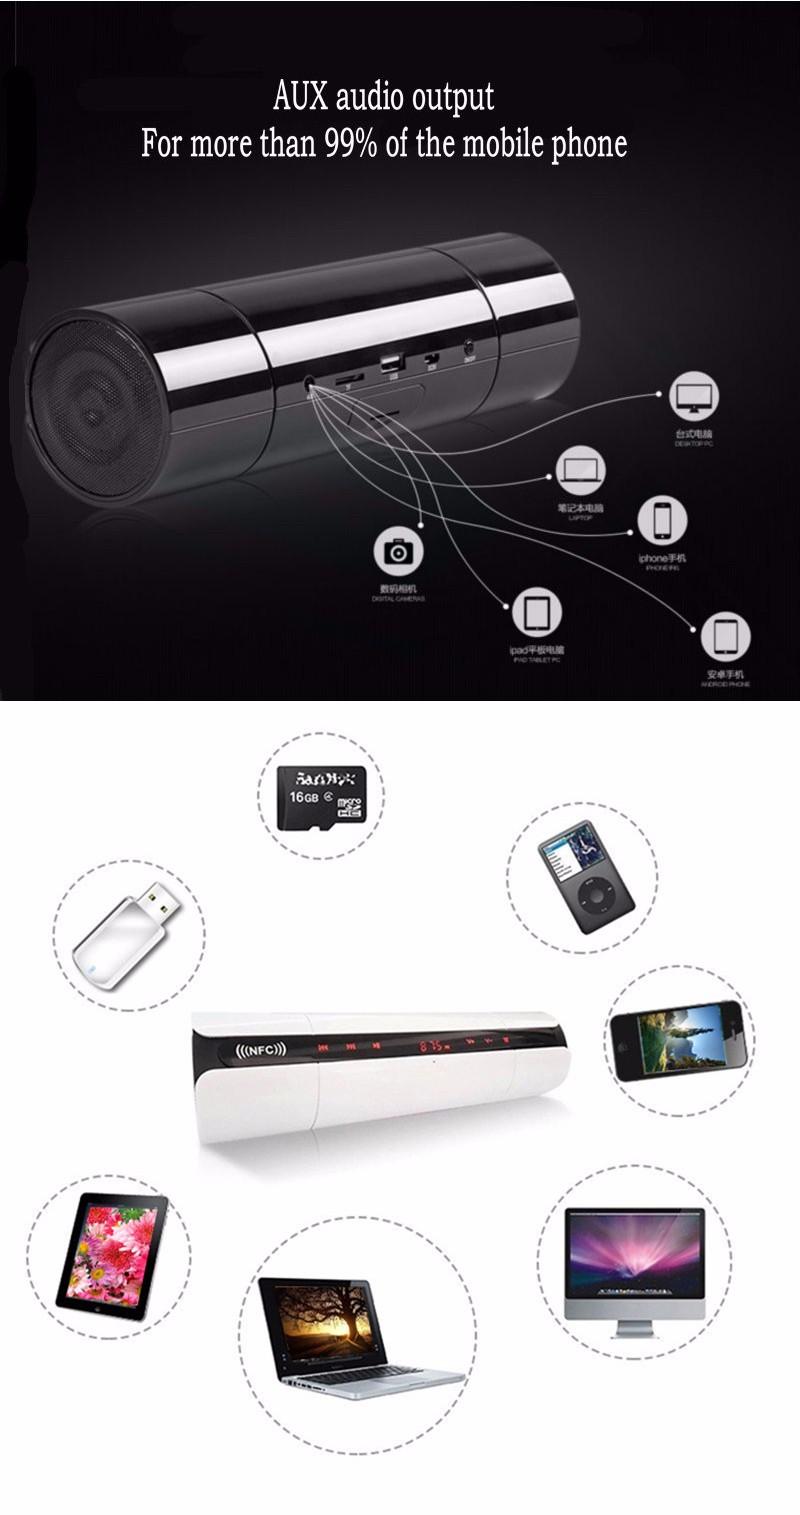 NFC Multifonctionnel Portable KR8800 Lisse Sans Fil Bluetooth 3D Haut-Parleur avec Écran LCD FM Radio